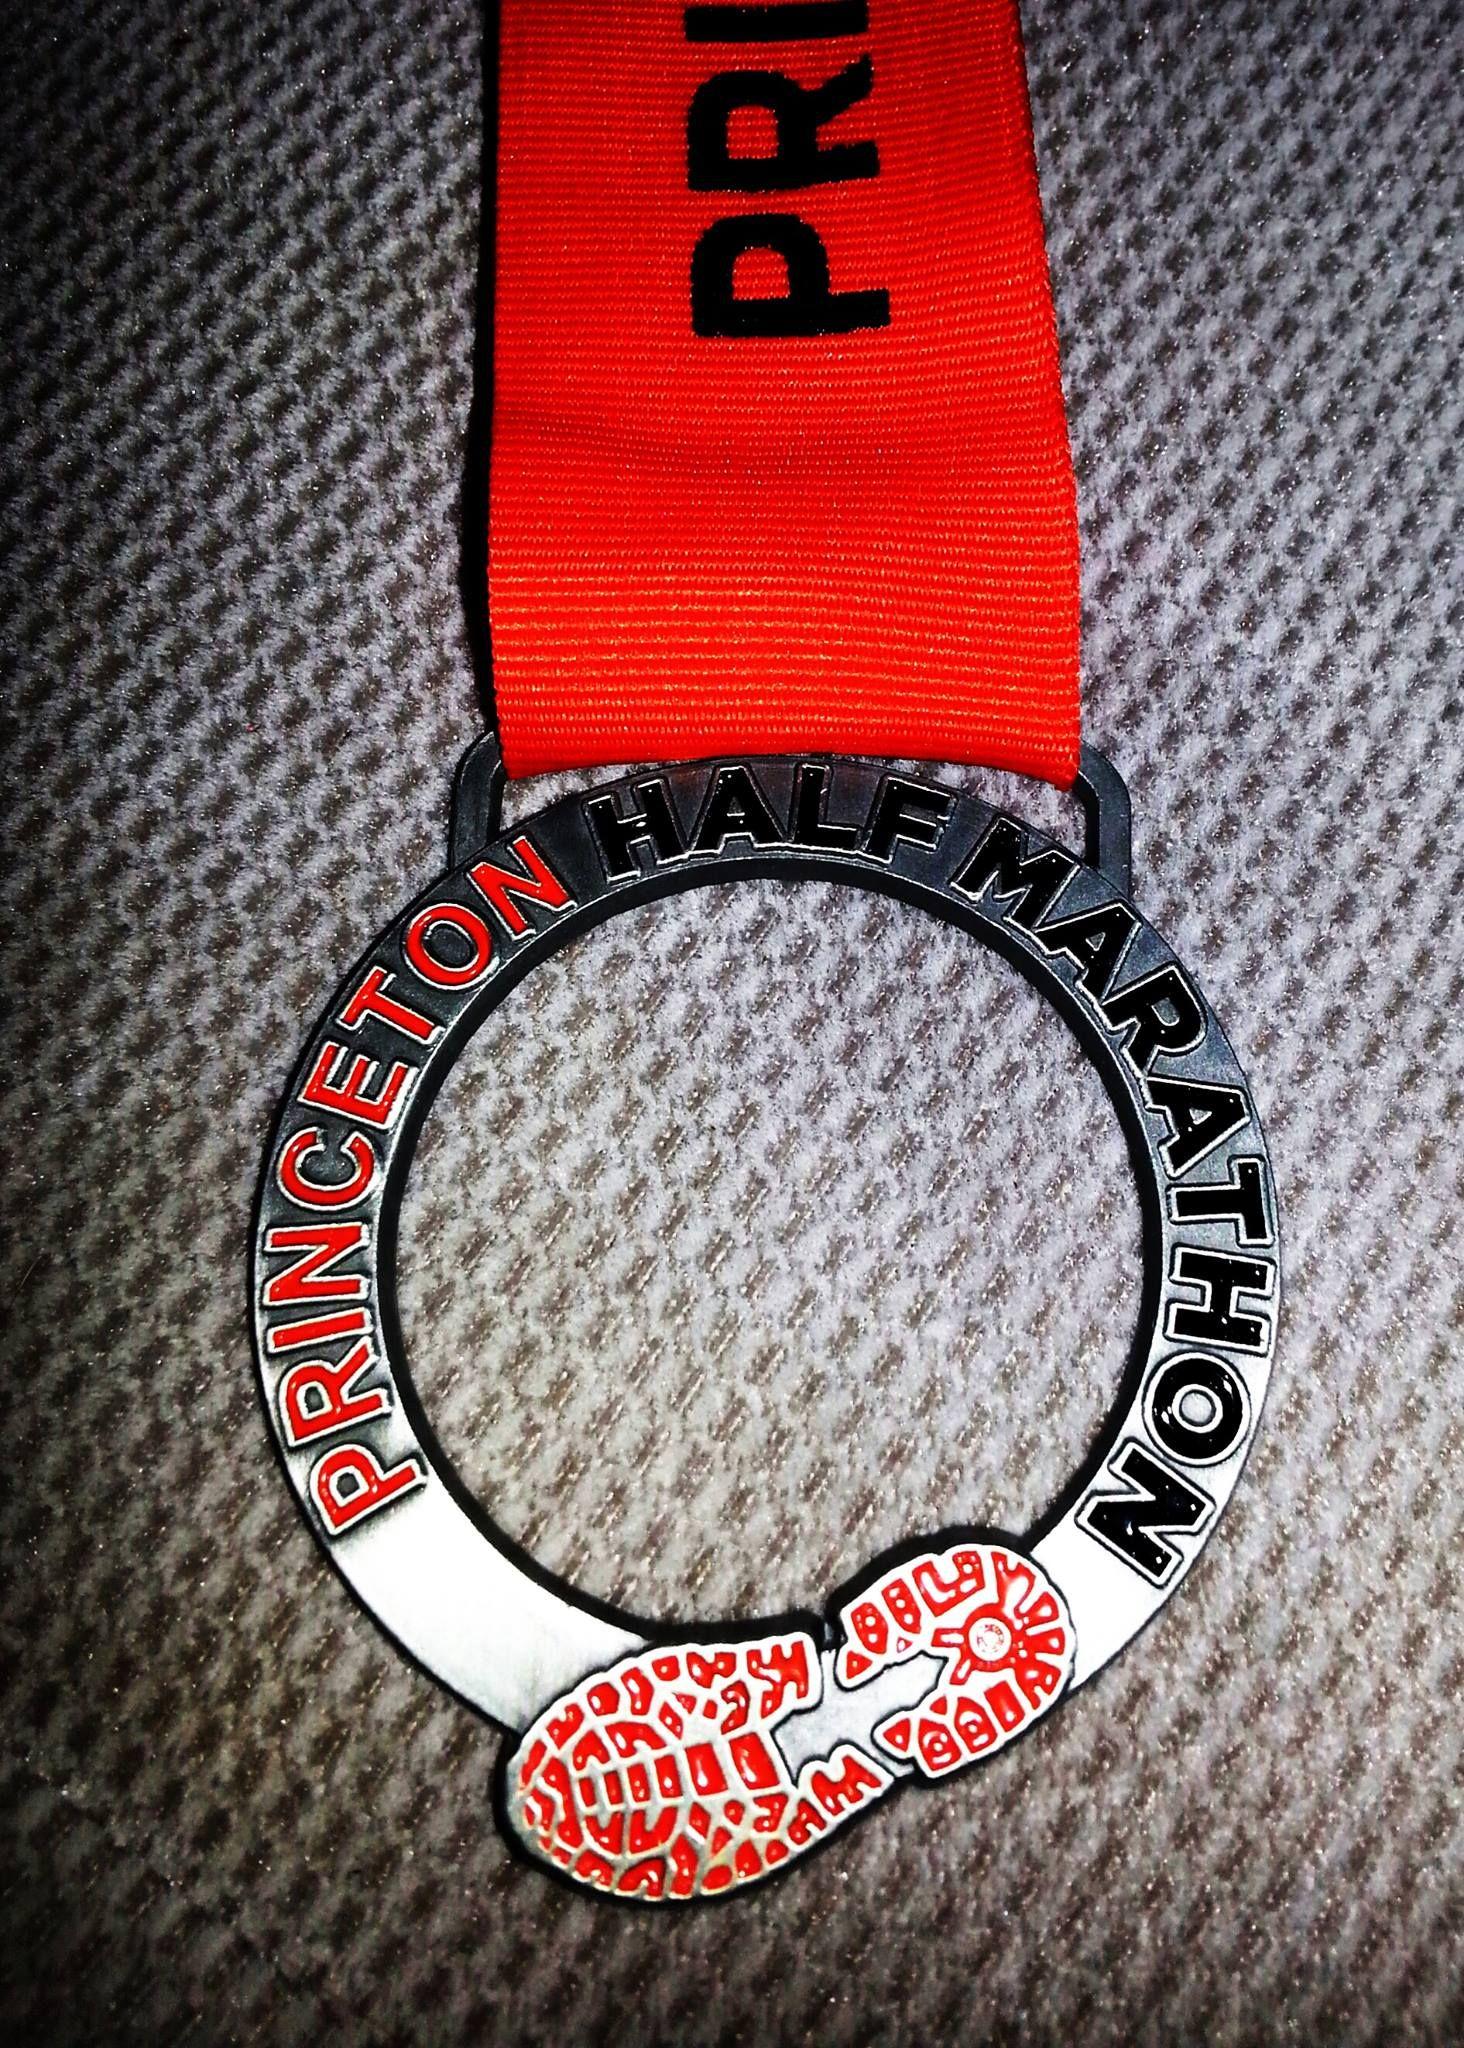 Princeton Half Marathon Bling Fifty States Half Marathon Club Member Bling Race Bling Running Medals Running Bling